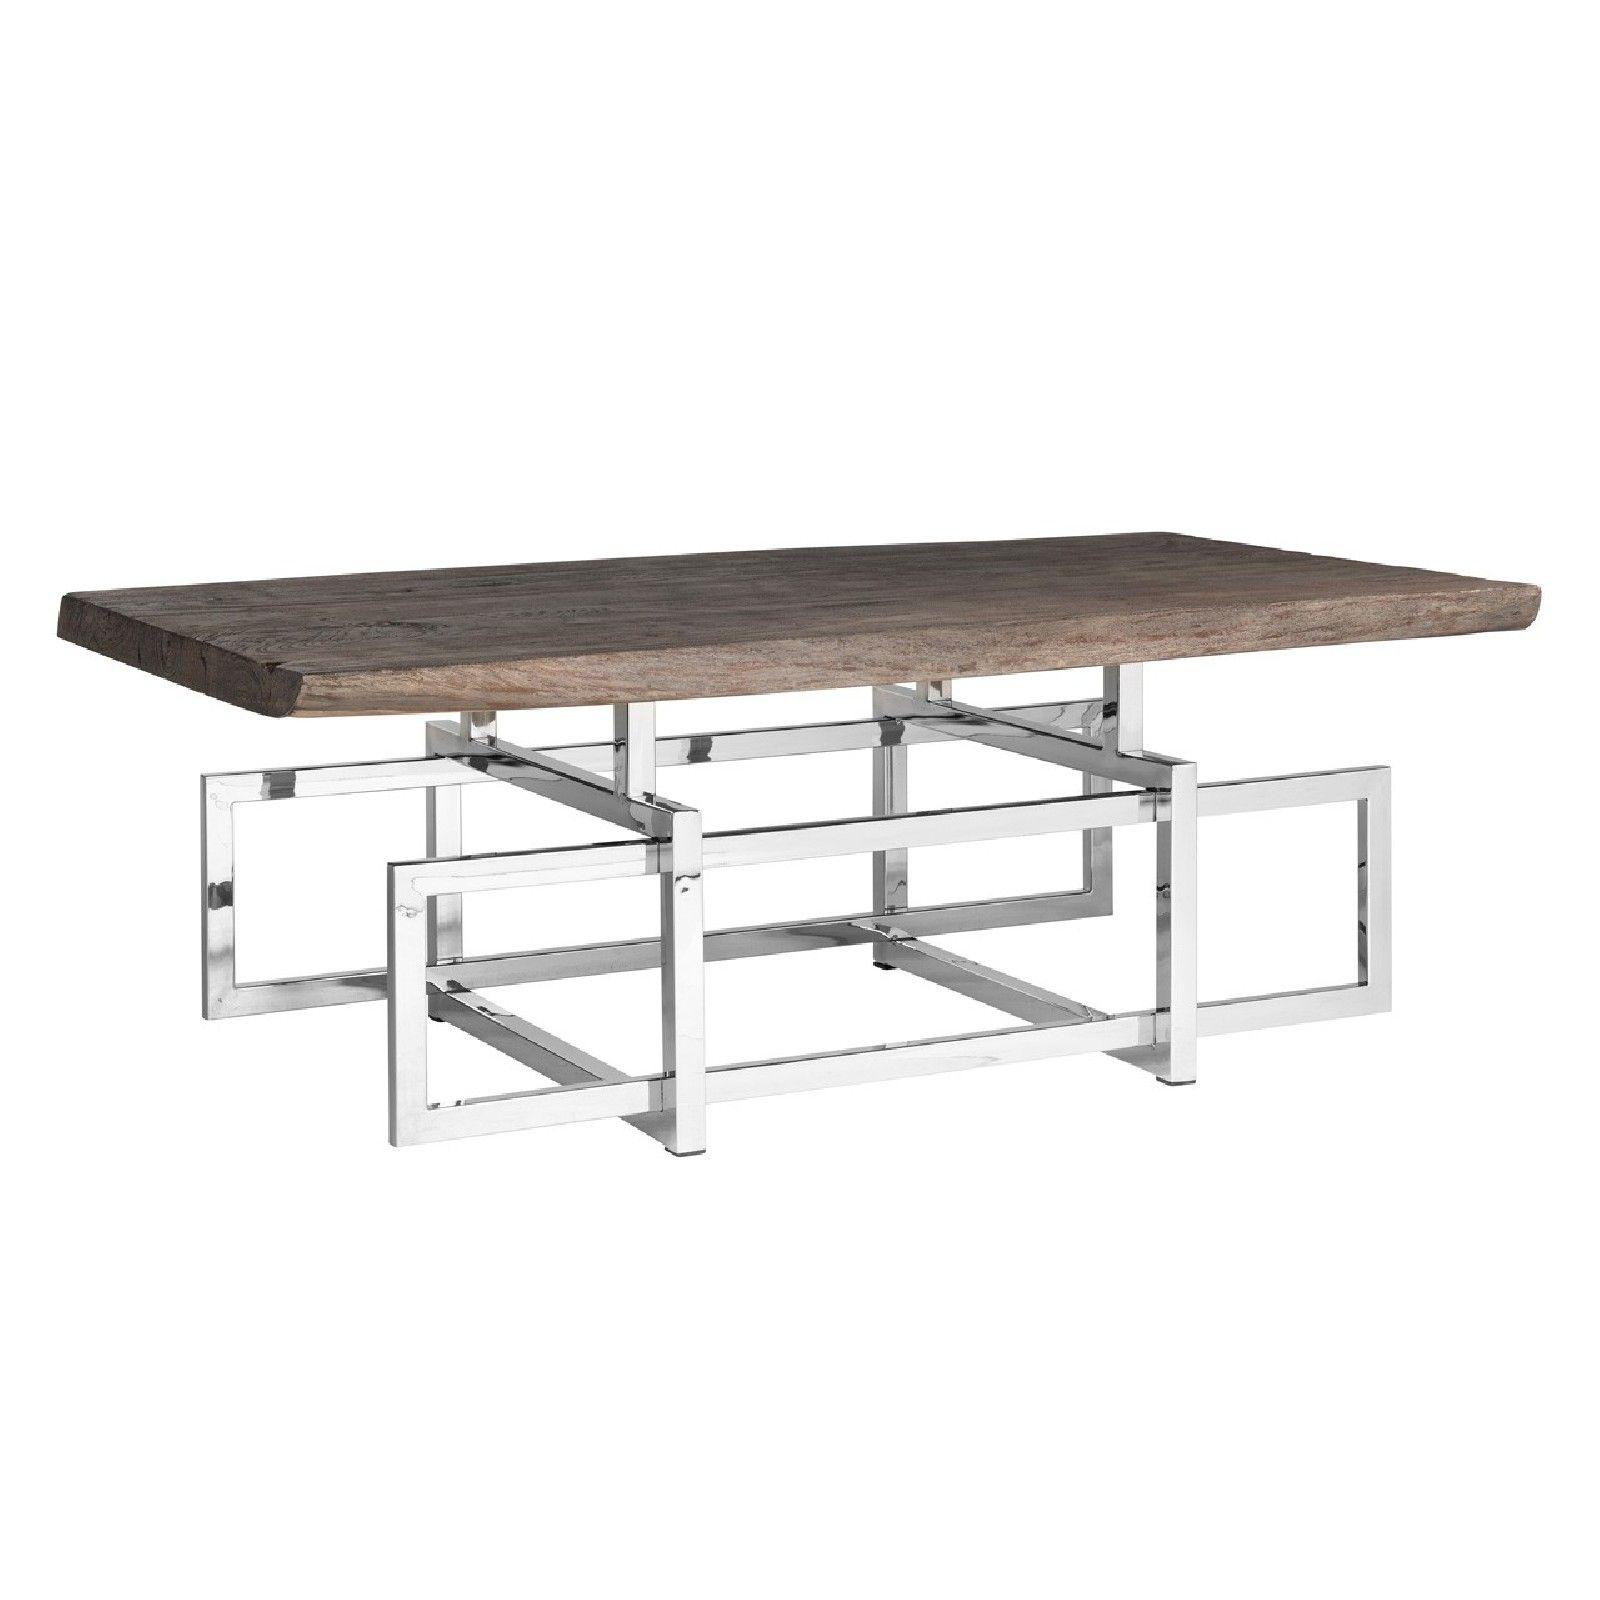 Table de salon TuxedoBord du plateau de table peut varier par article, produit naturel Tables basses rectangulaires - 15